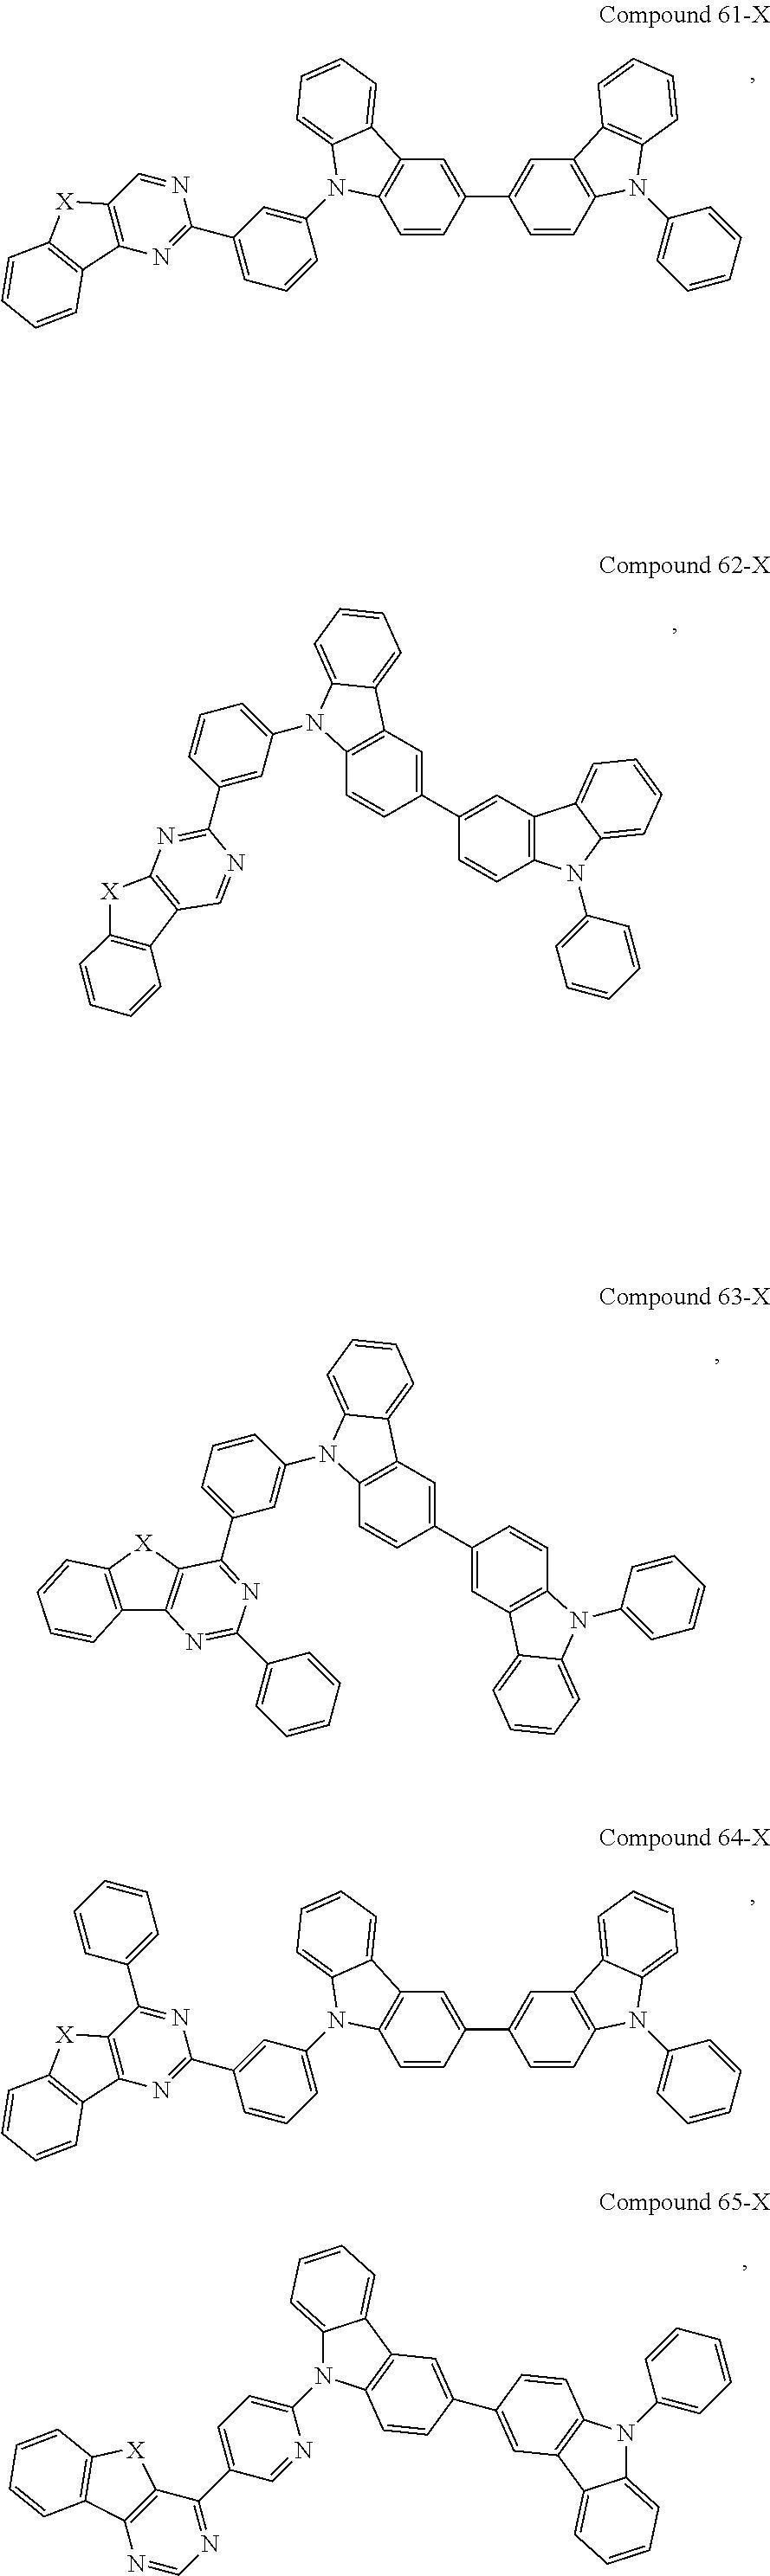 Figure US09553274-20170124-C00020